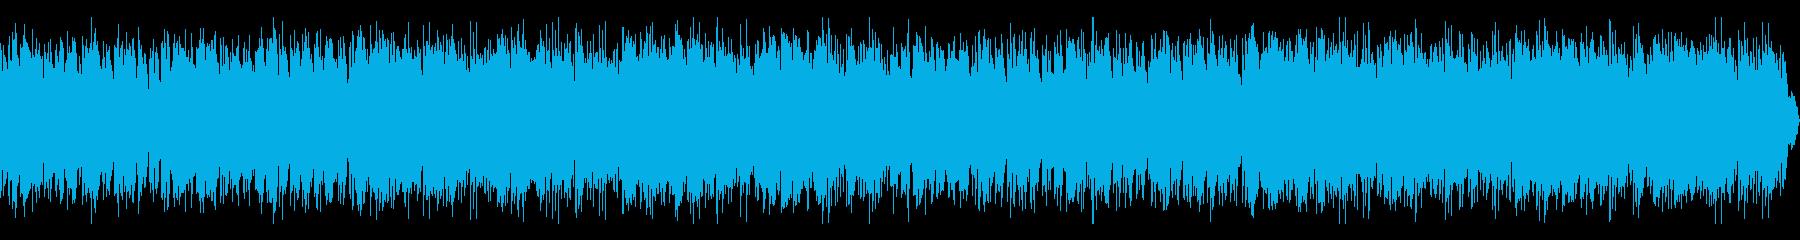 ヨガなどに、リラックスアンビエントの再生済みの波形